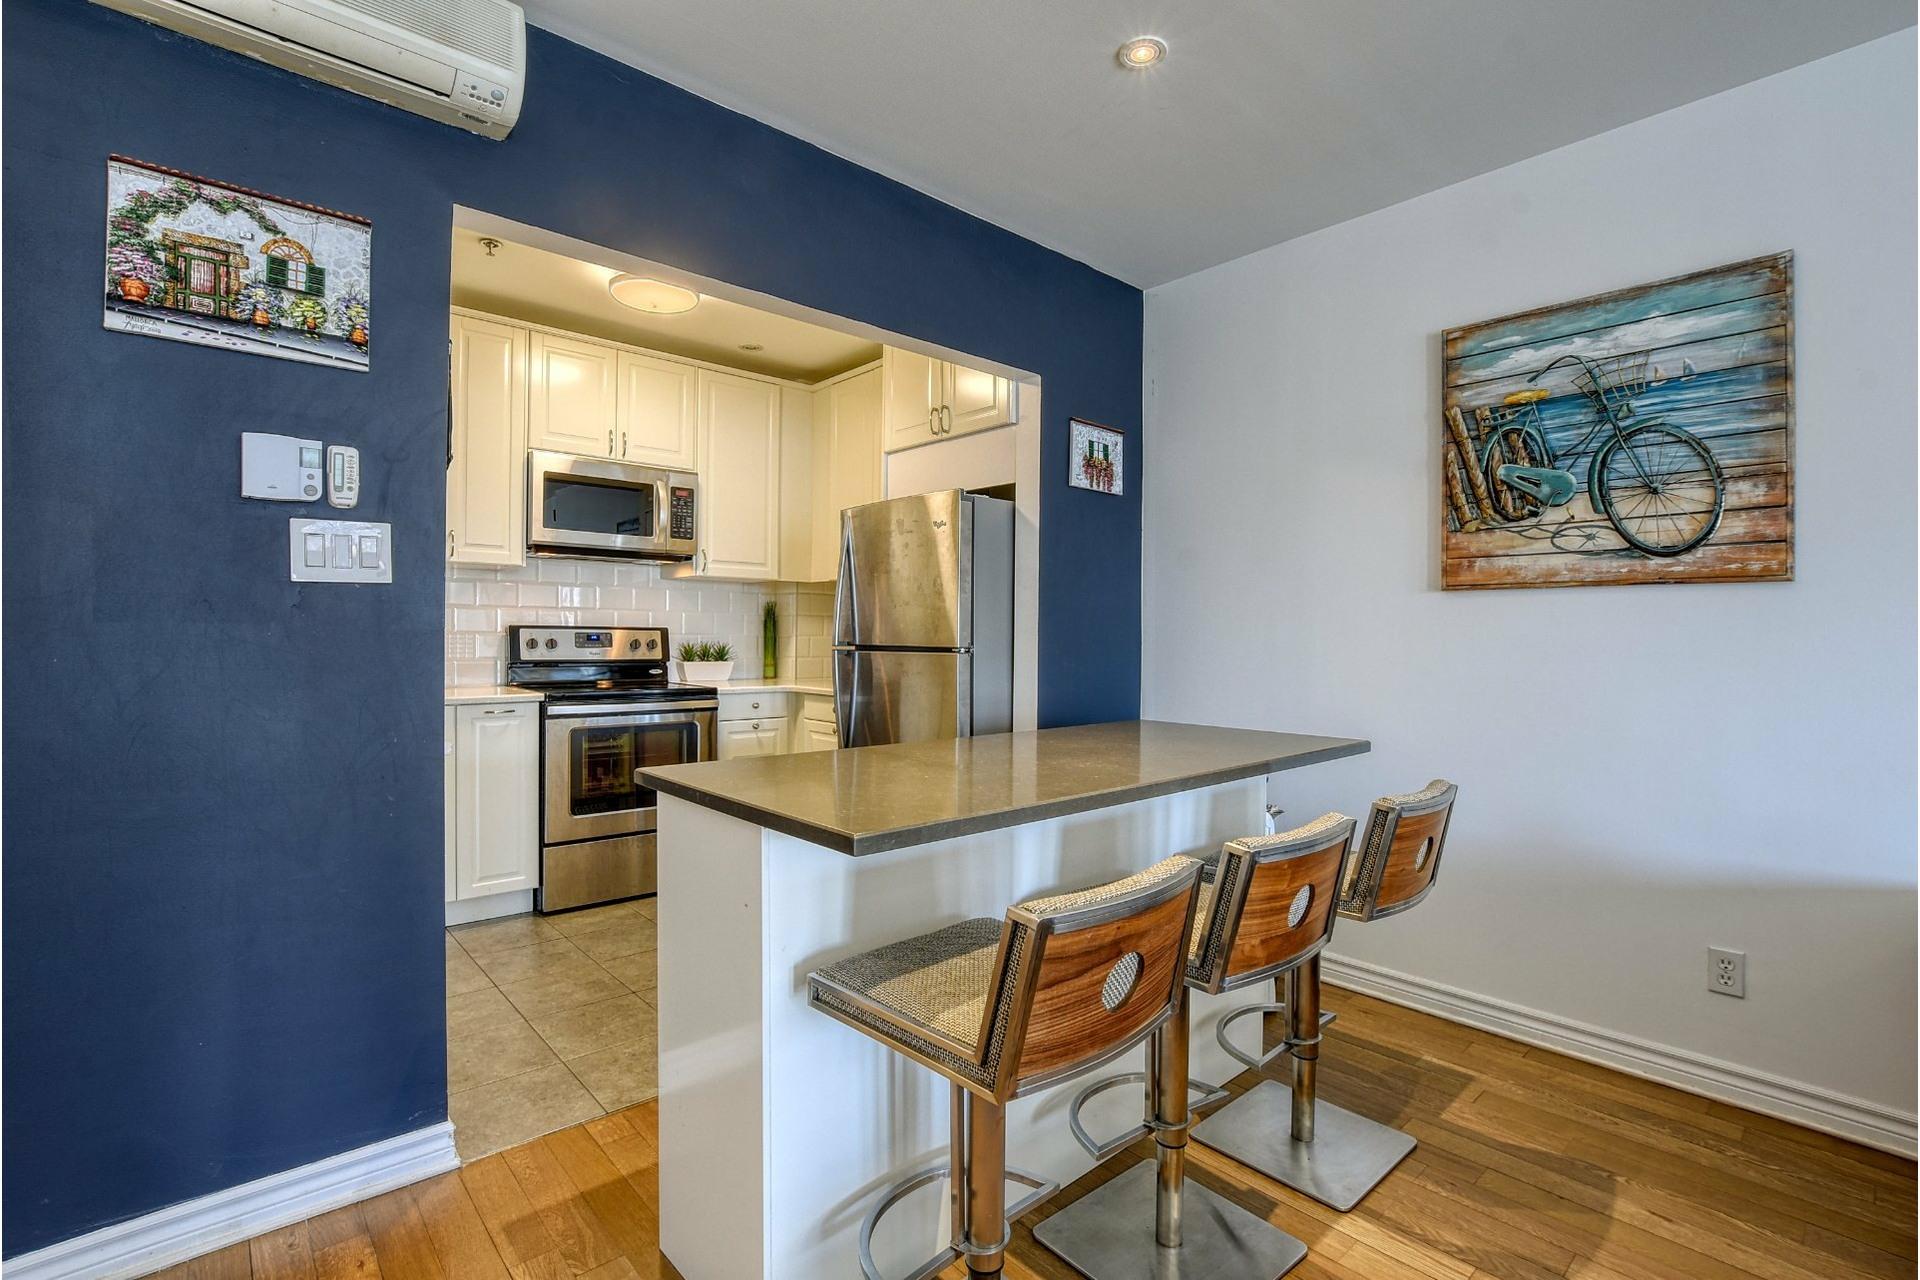 image 3 - Appartement À louer Ville-Marie Montréal  - 5 pièces